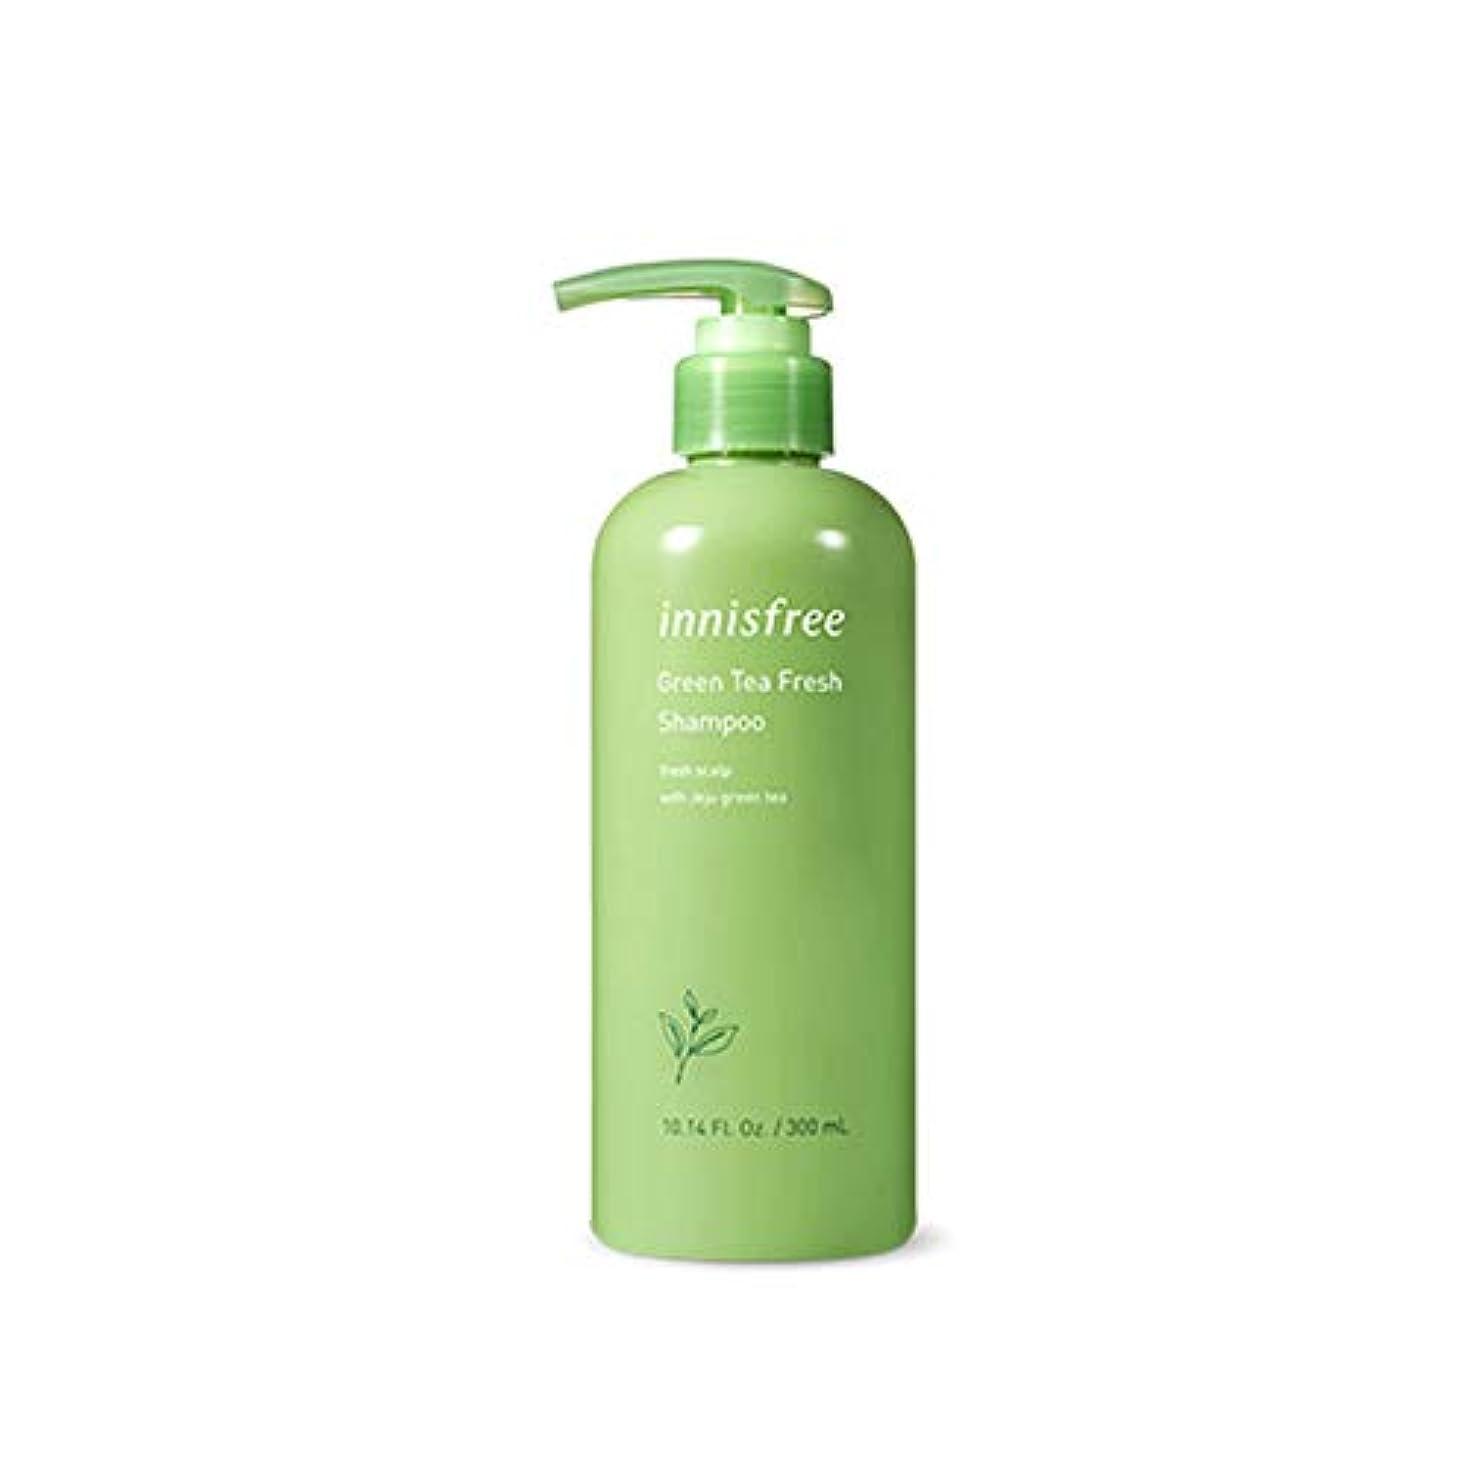 安らぎアンタゴニストサンダーイニスフリー Innisfree 緑茶ミントフレッシュシャンプー(300ml) Innisfree Green Tea Mint Fresh Shampoo (300ml) [海外直送品]